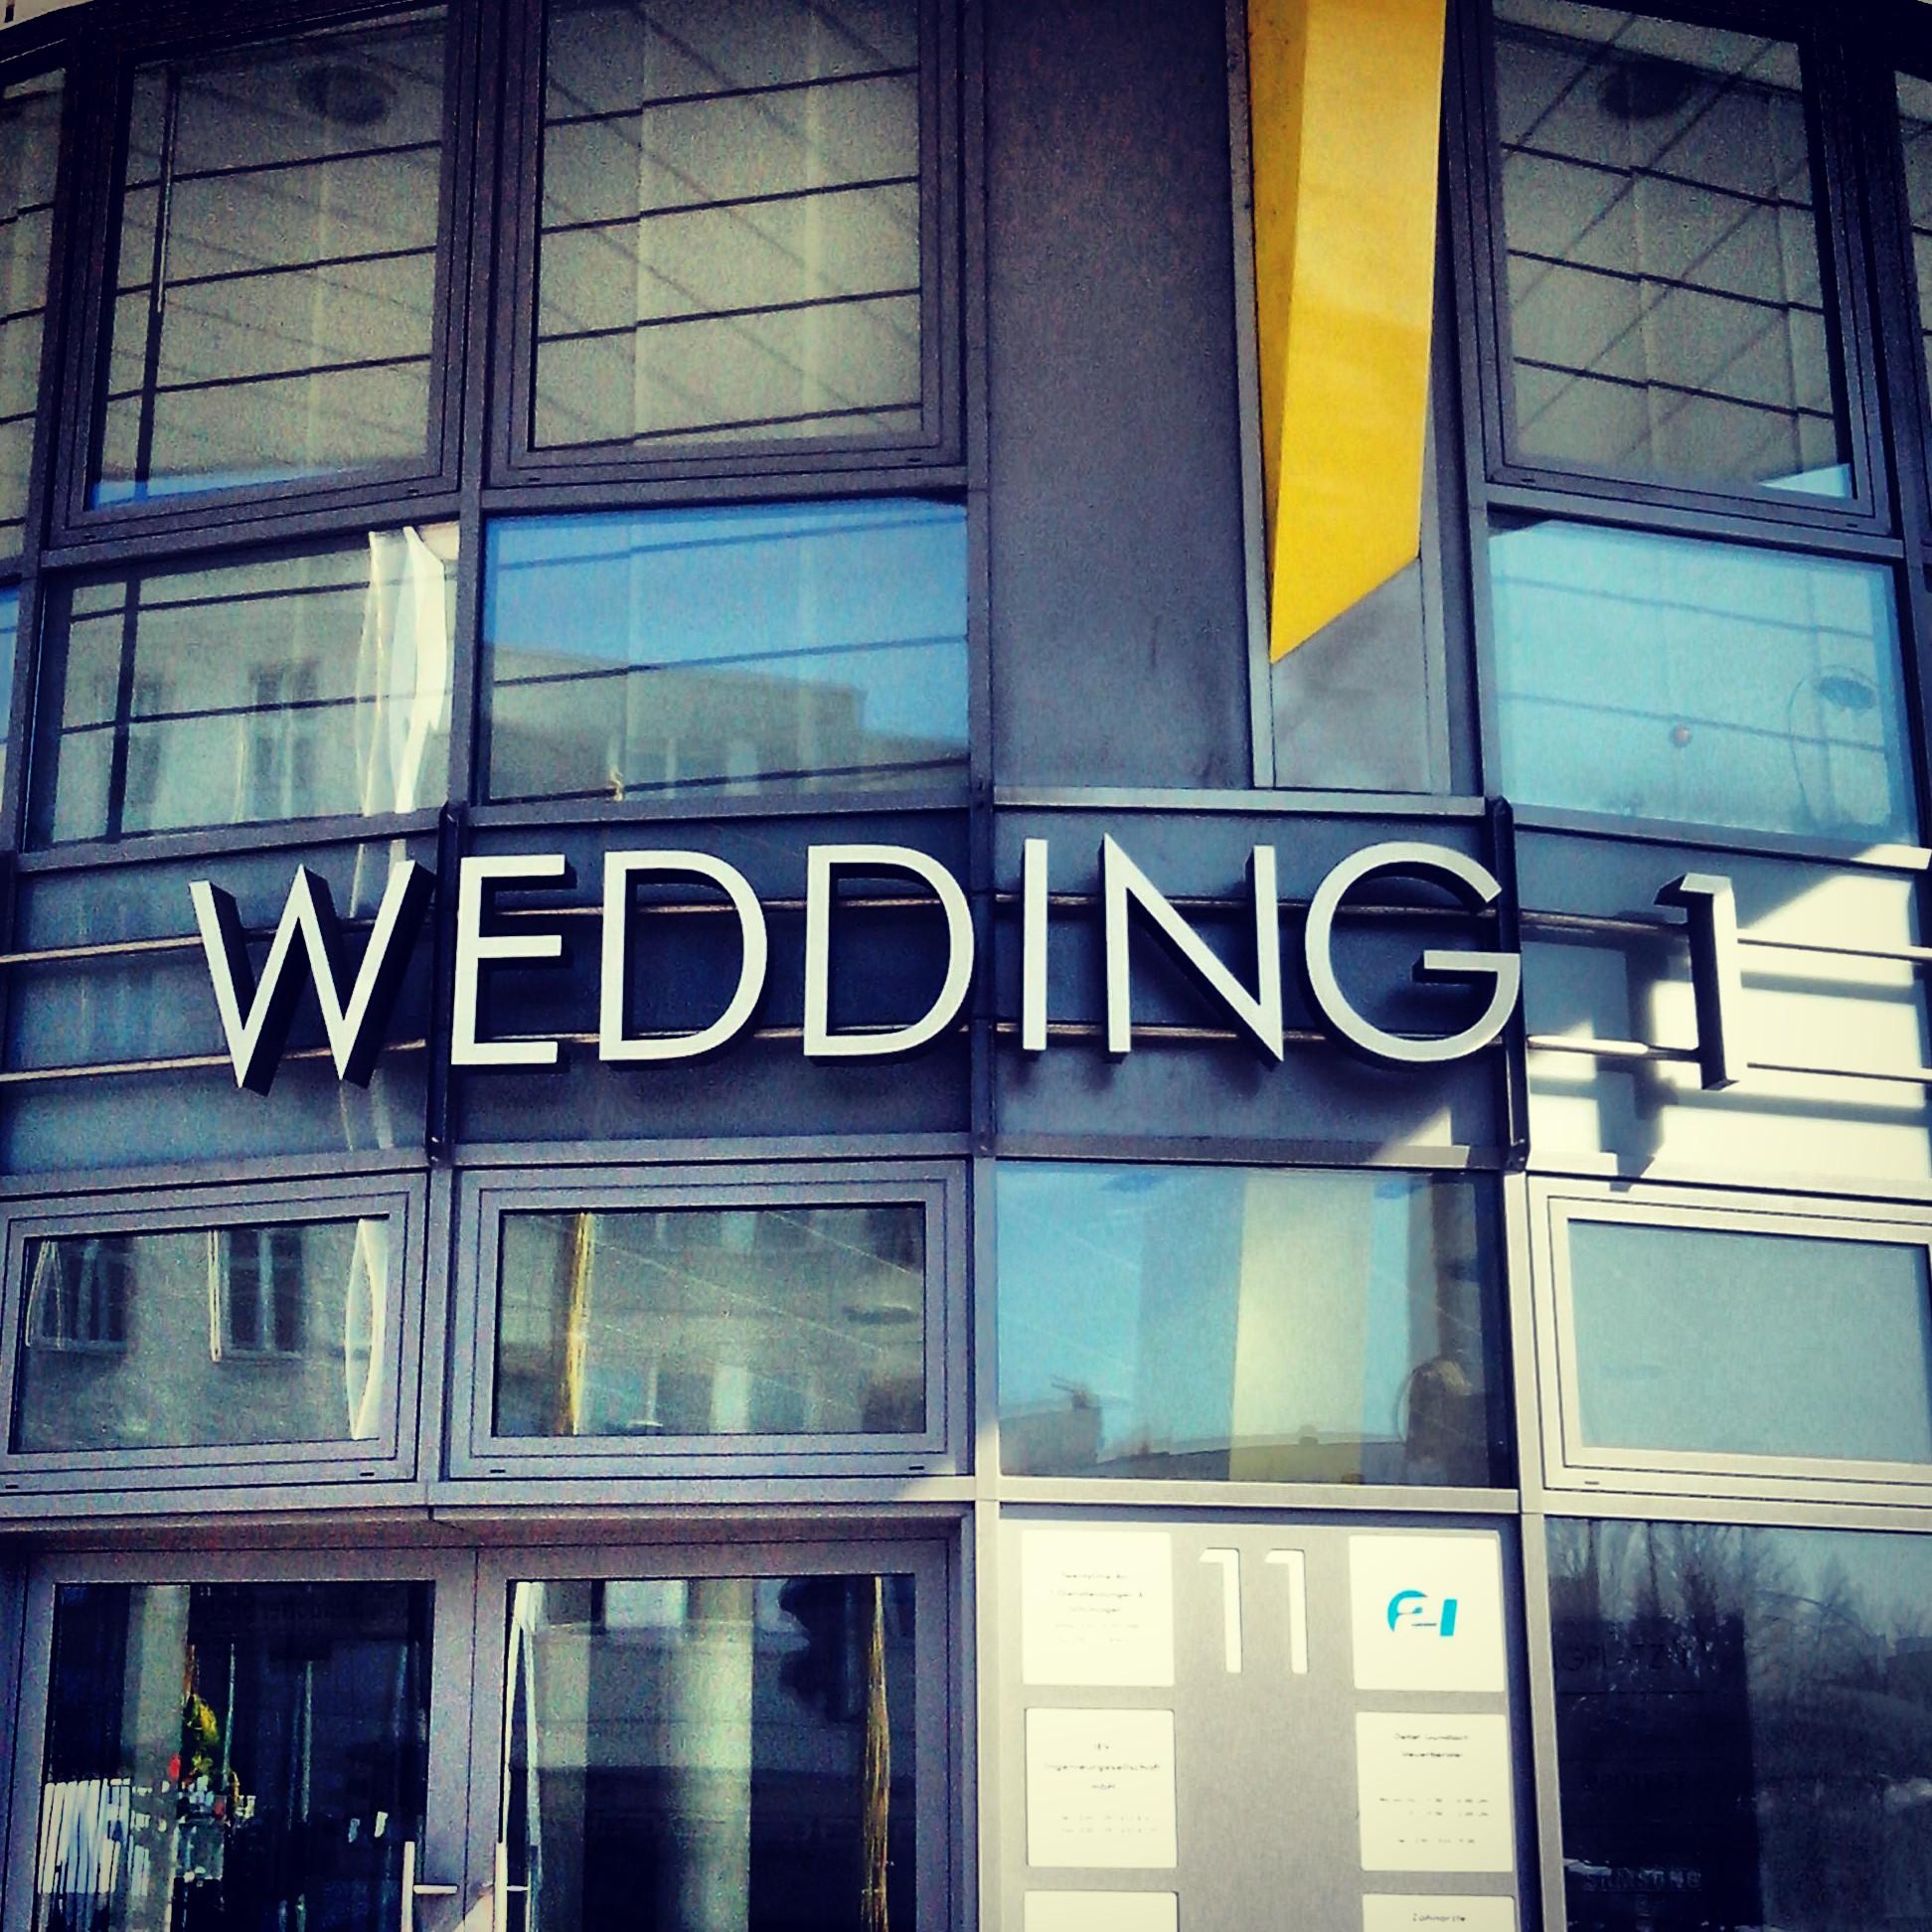 Weddingplatz 1